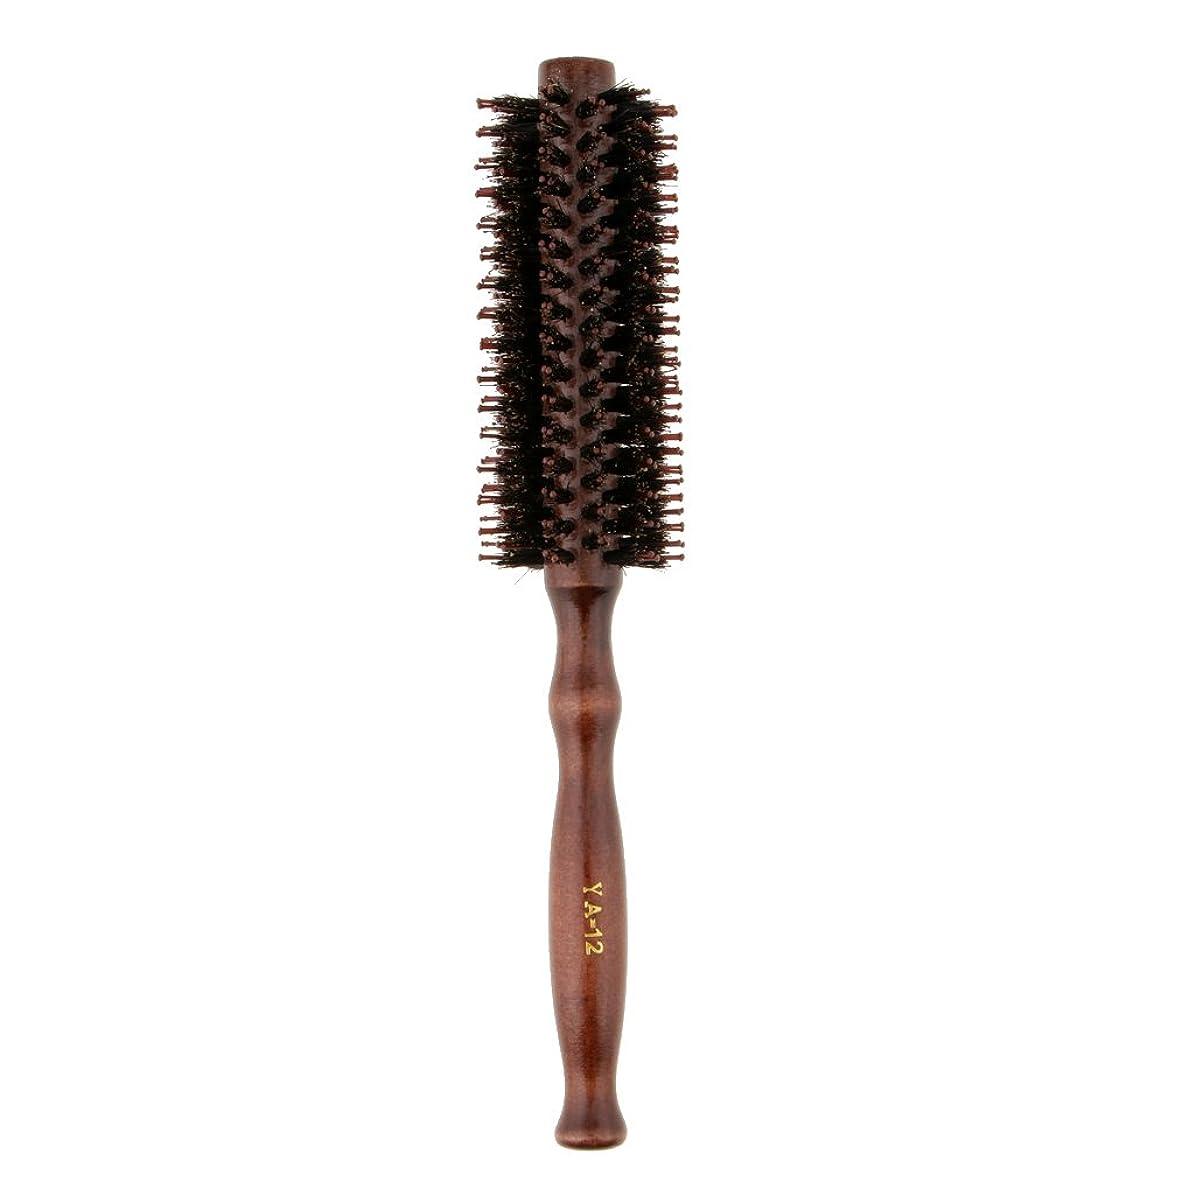 恵みドライバ滝Fenteer ロールブラシ ヘアブラシ 木製ハンドル 滑らか 仕上げ 速乾性 軽量 理髪 美容 カール 2タイプ選べる - #2